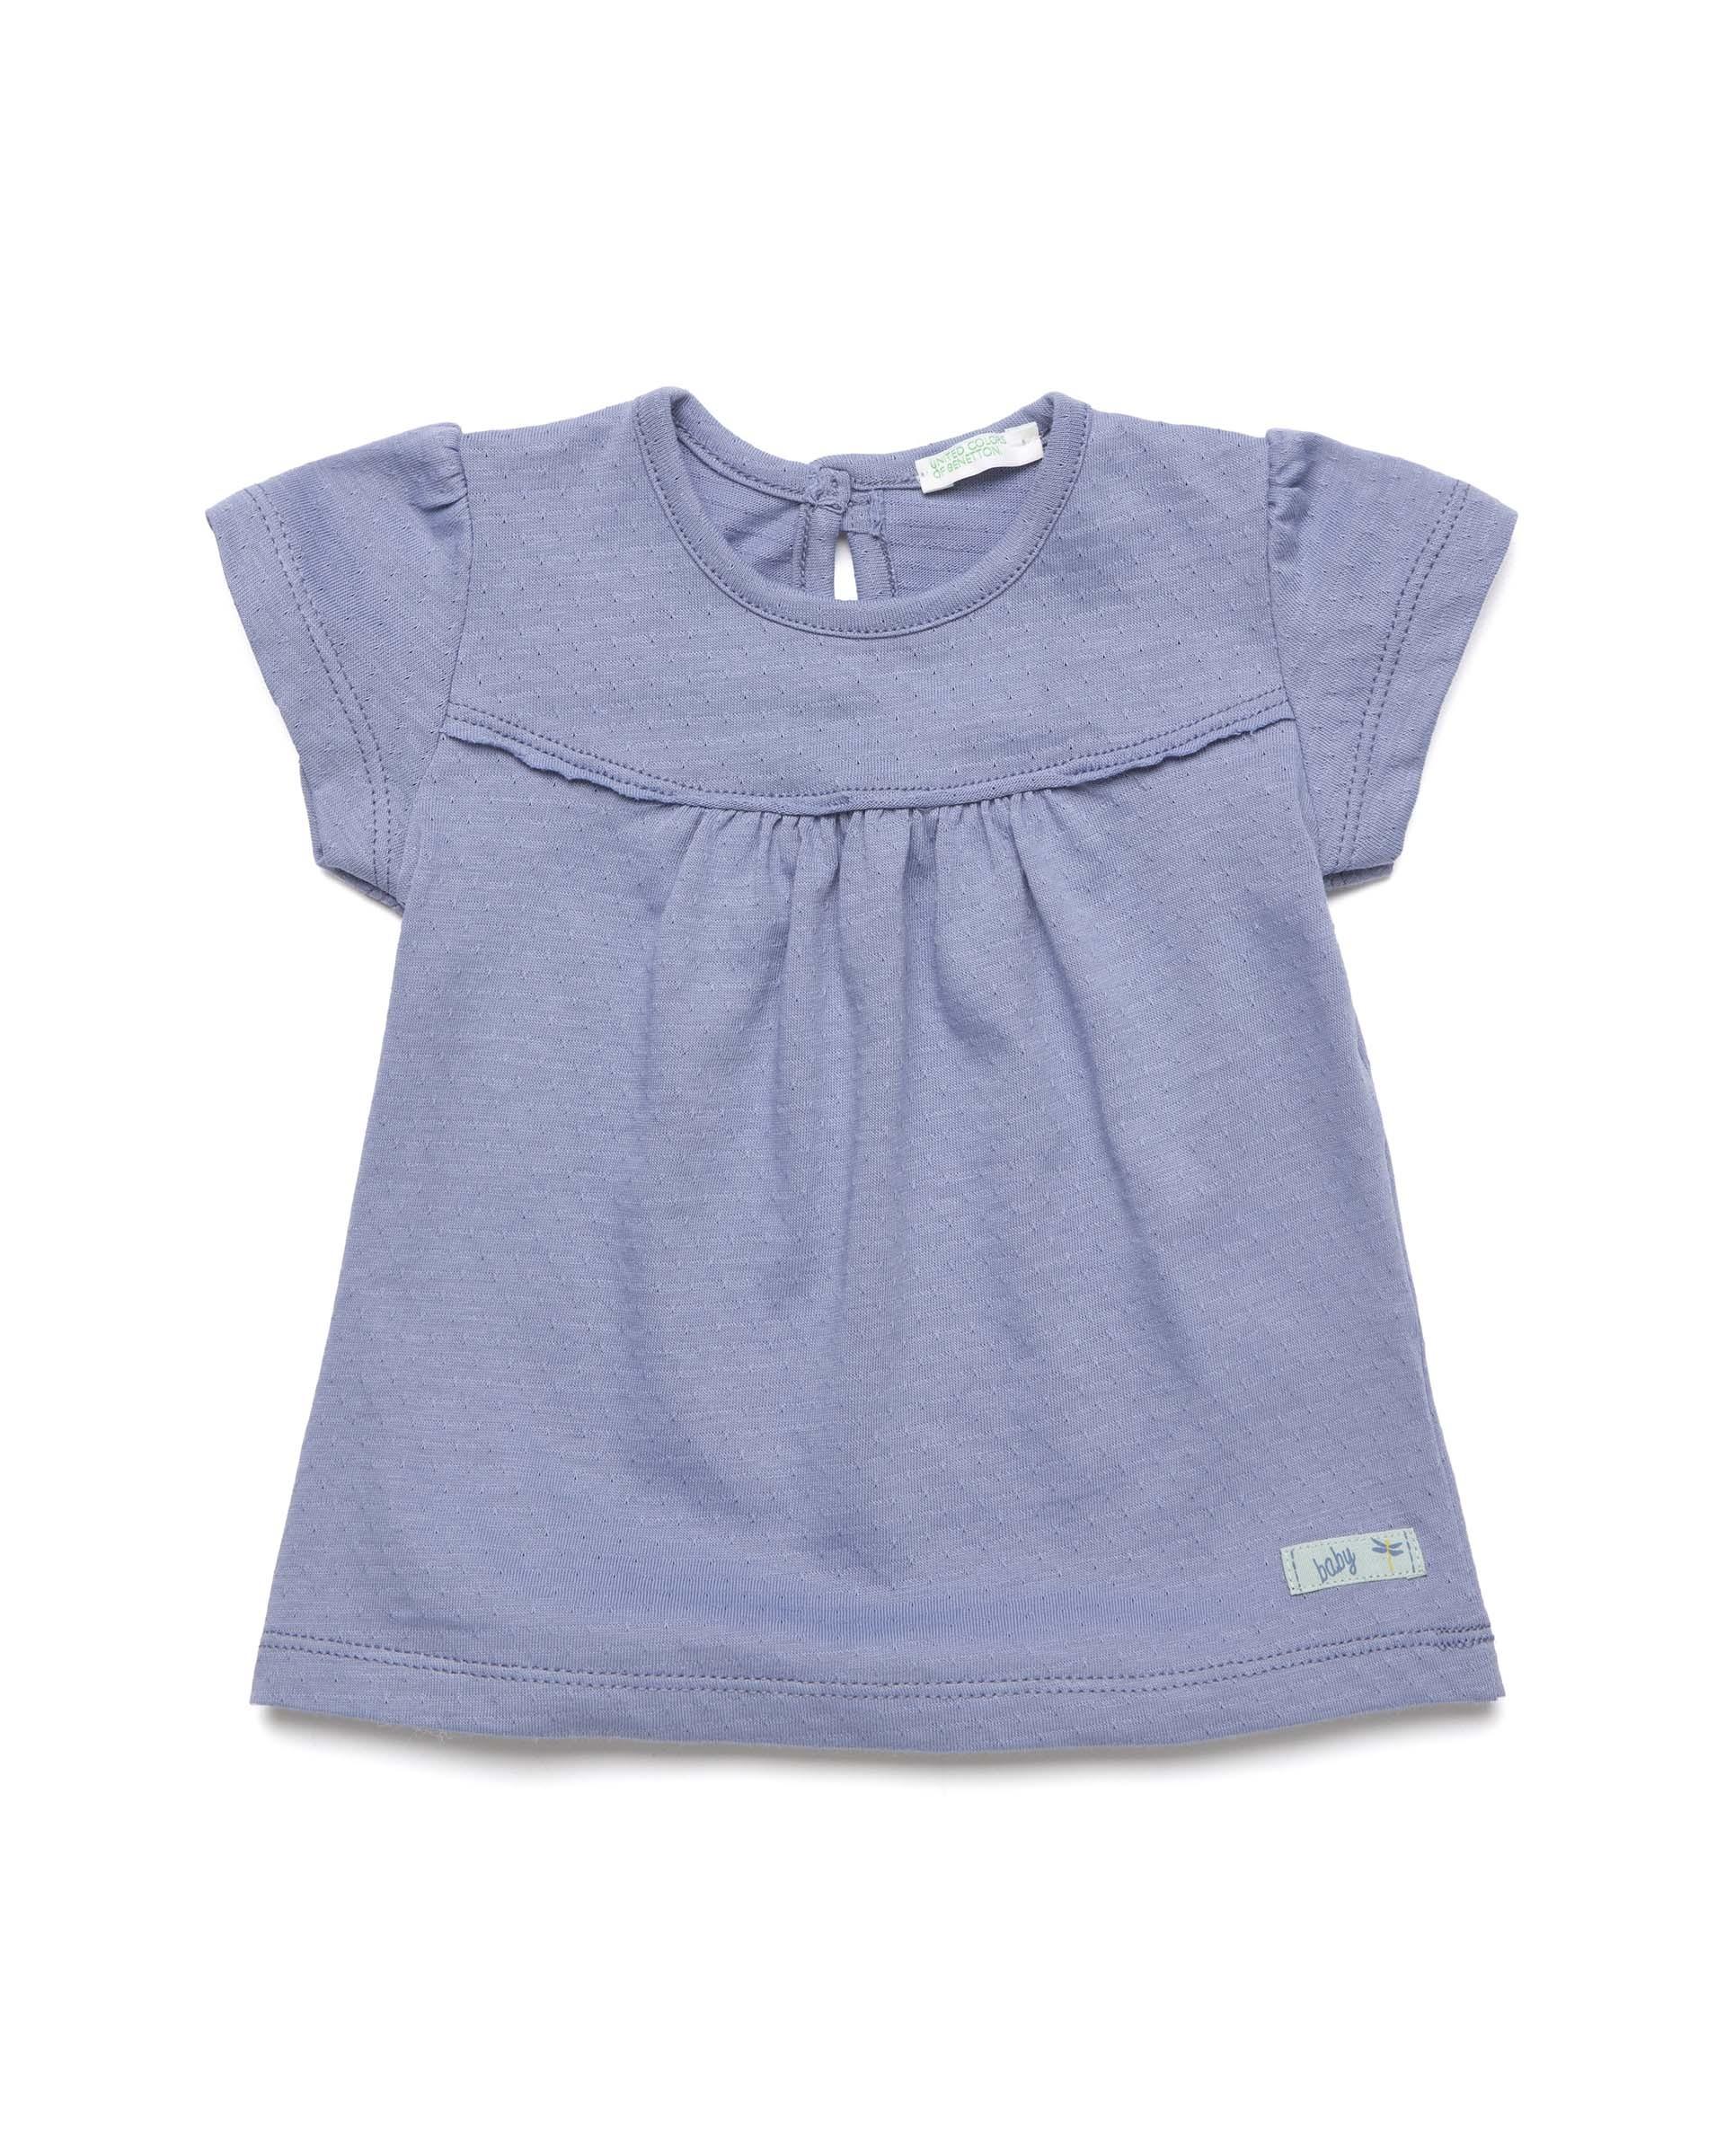 Купить 20P_3A1AMM25X_096, Футболка для девочек Benetton 3A1AMM25X_096 р-р 68, United Colors of Benetton, Кофточки, футболки для новорожденных